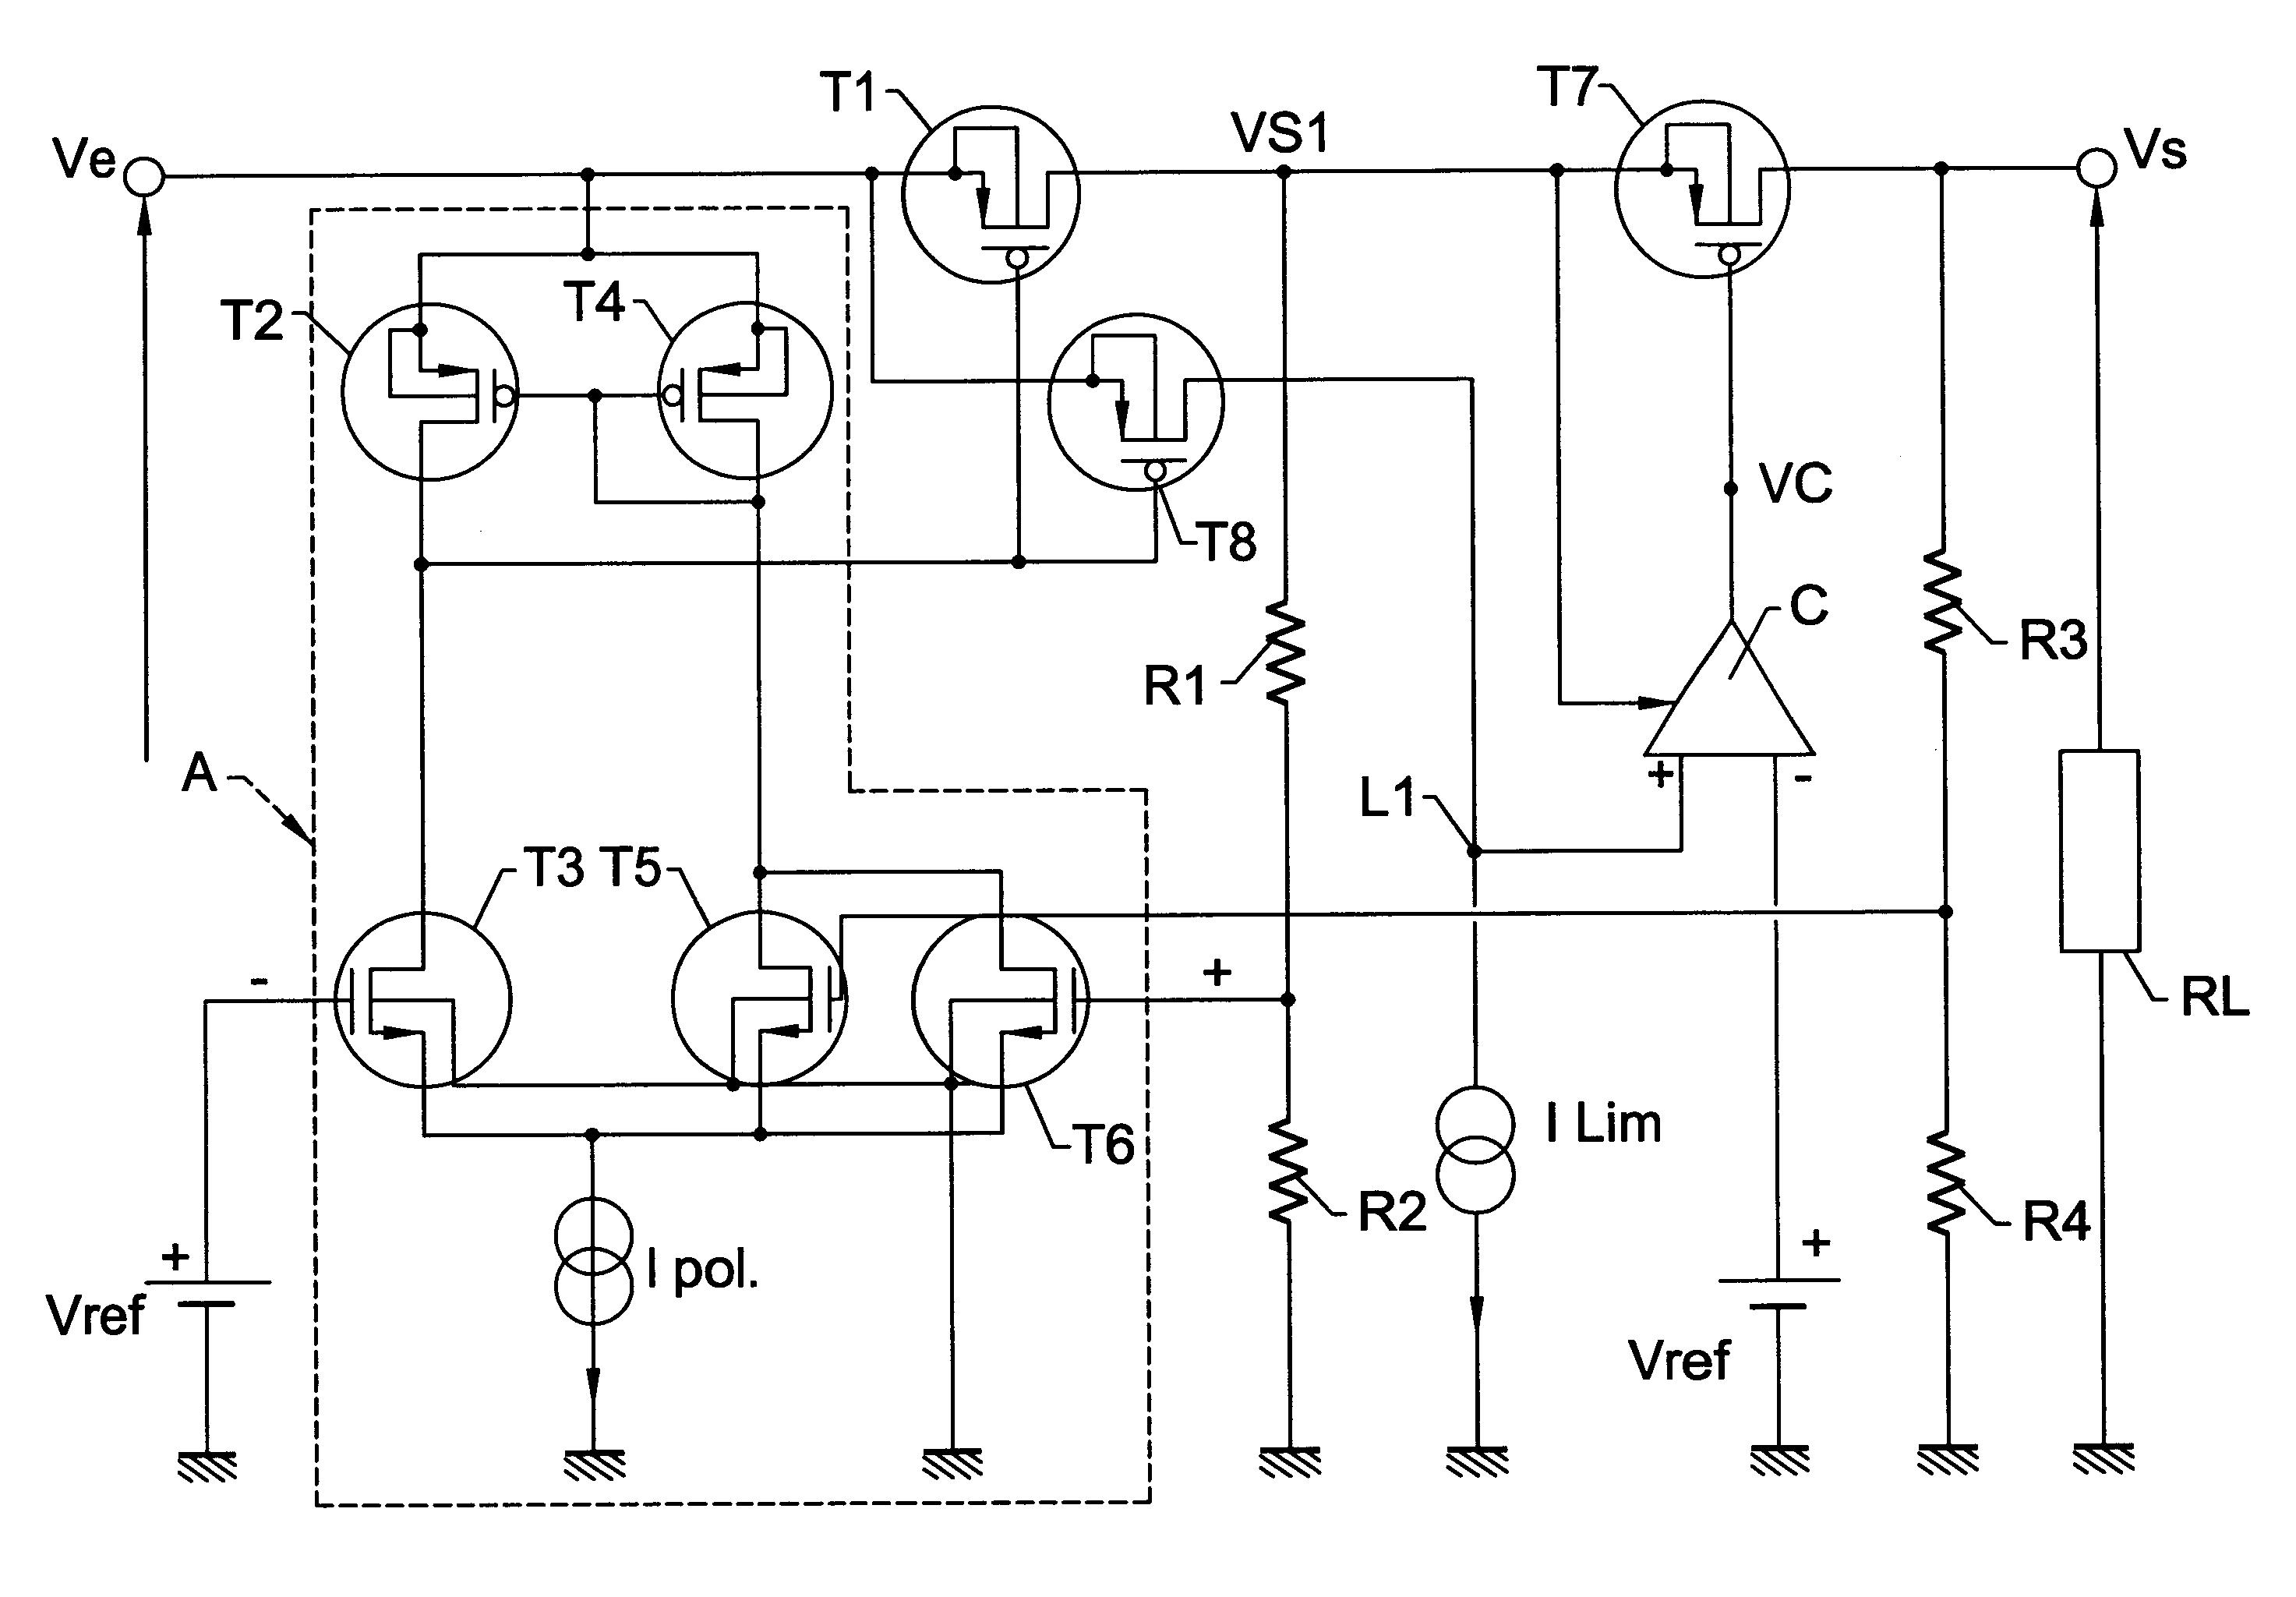 Transistor Voltage Regulator Circuit Cheap Adjustable 0 30v 2a 5v 10a Switchingregulatorcircuit Power Download